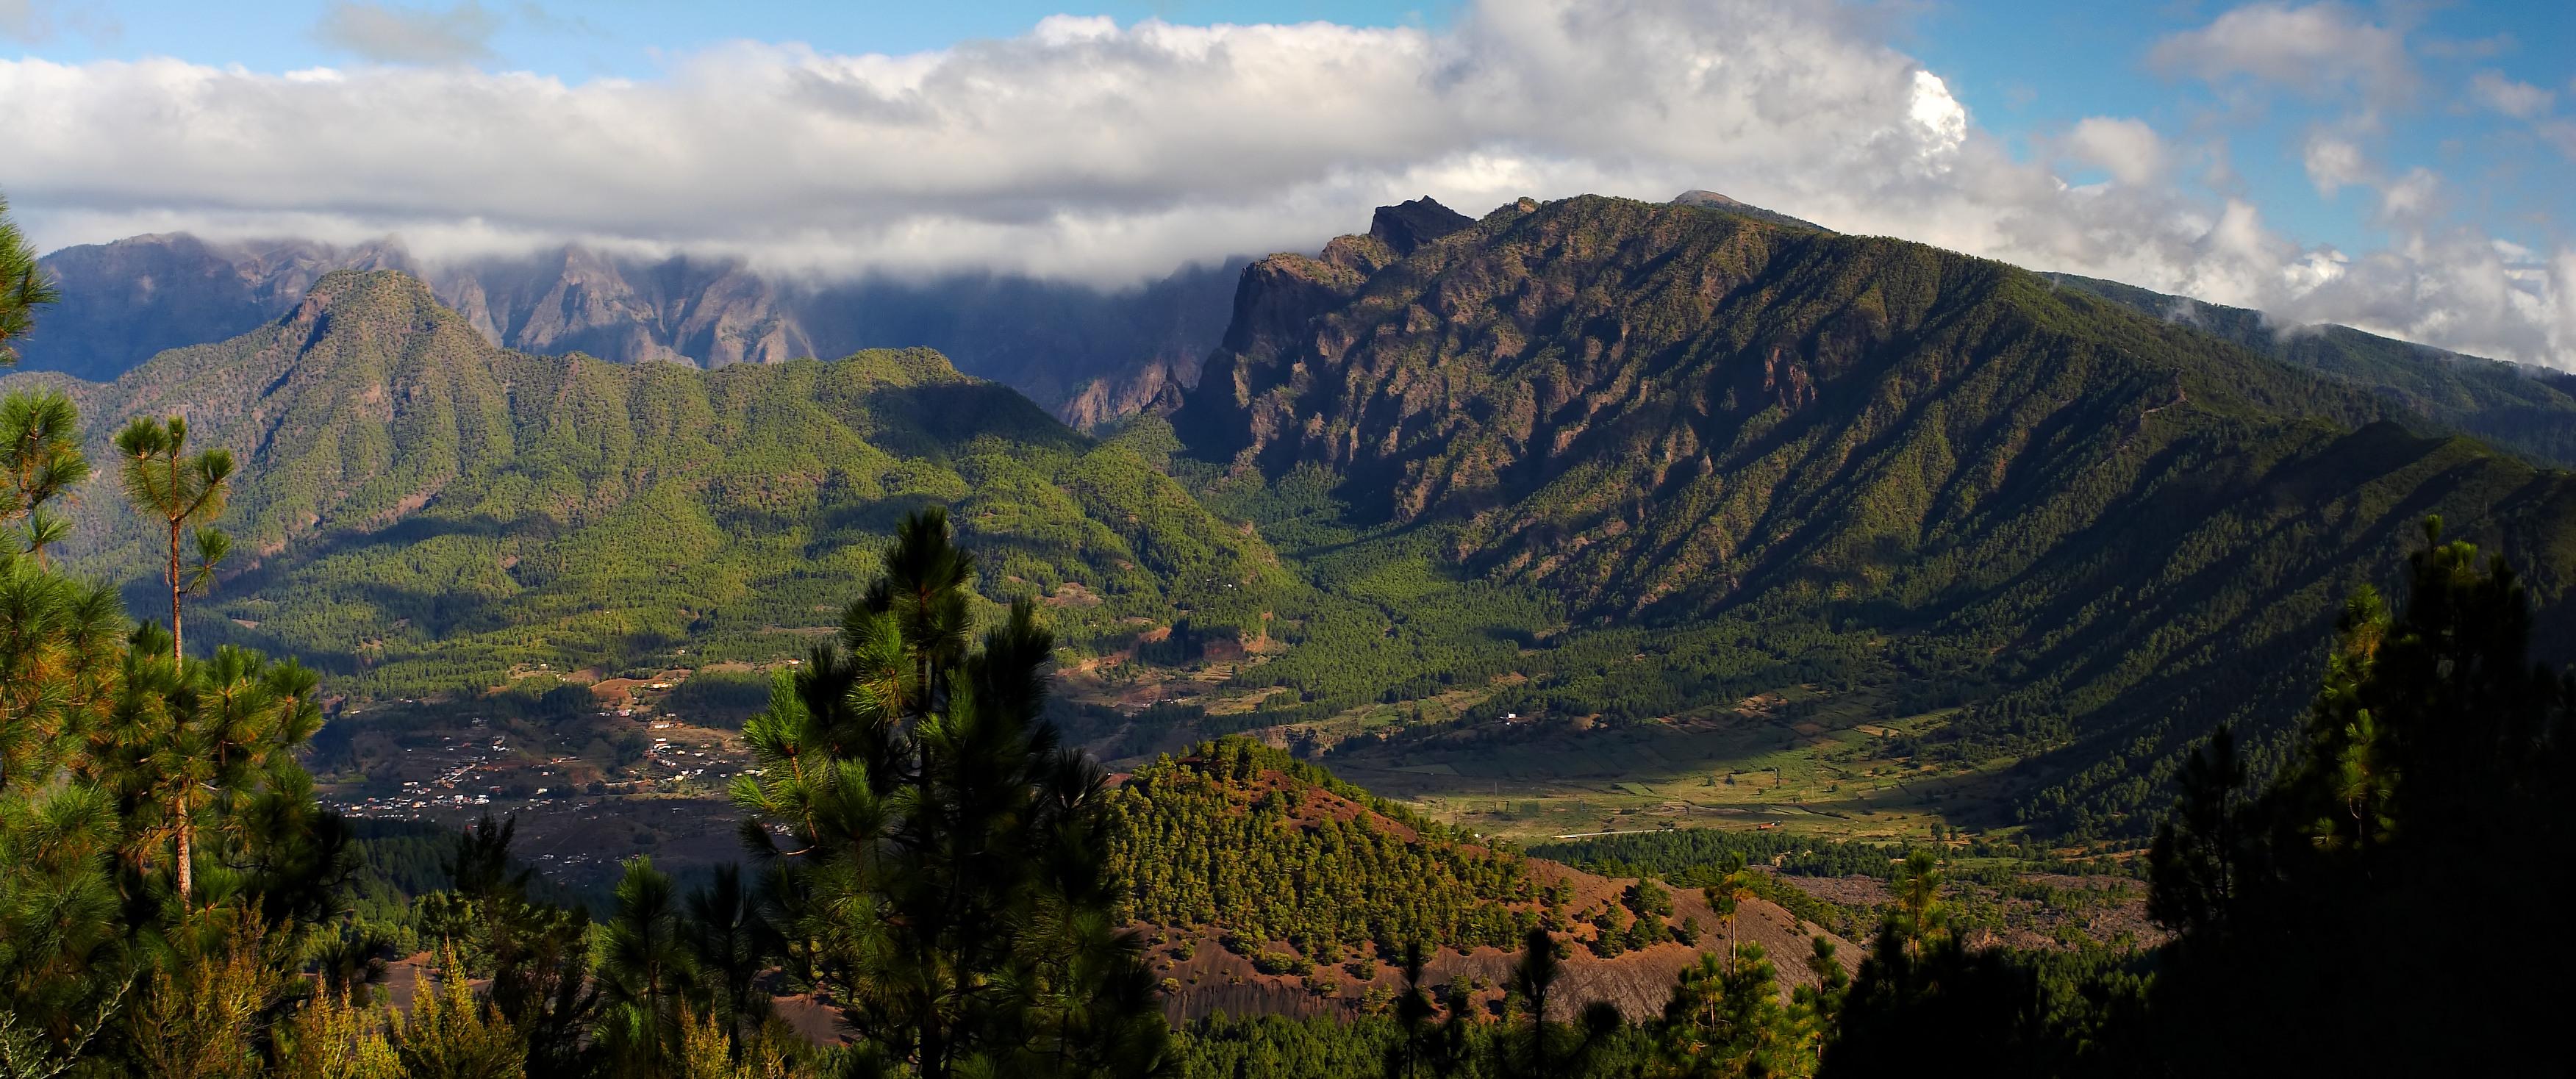 Caldera-de-Taburiente-La-Palma